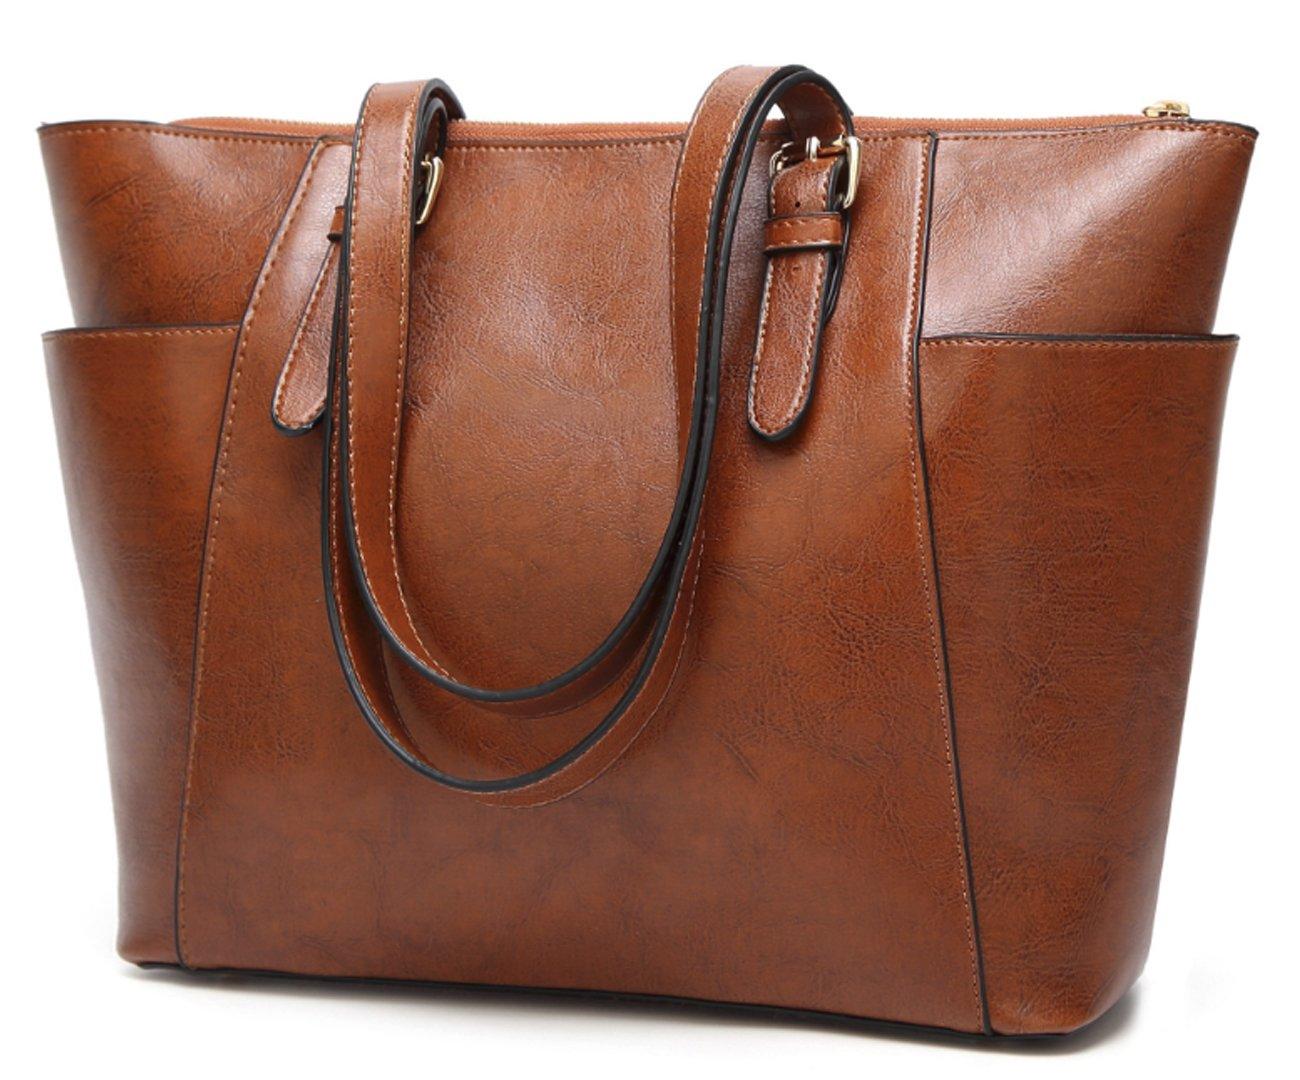 Women's Vintage Fine Fibre Genuine Leather Bag Tote Shoulder Bag Handbag Model Pocket Brown